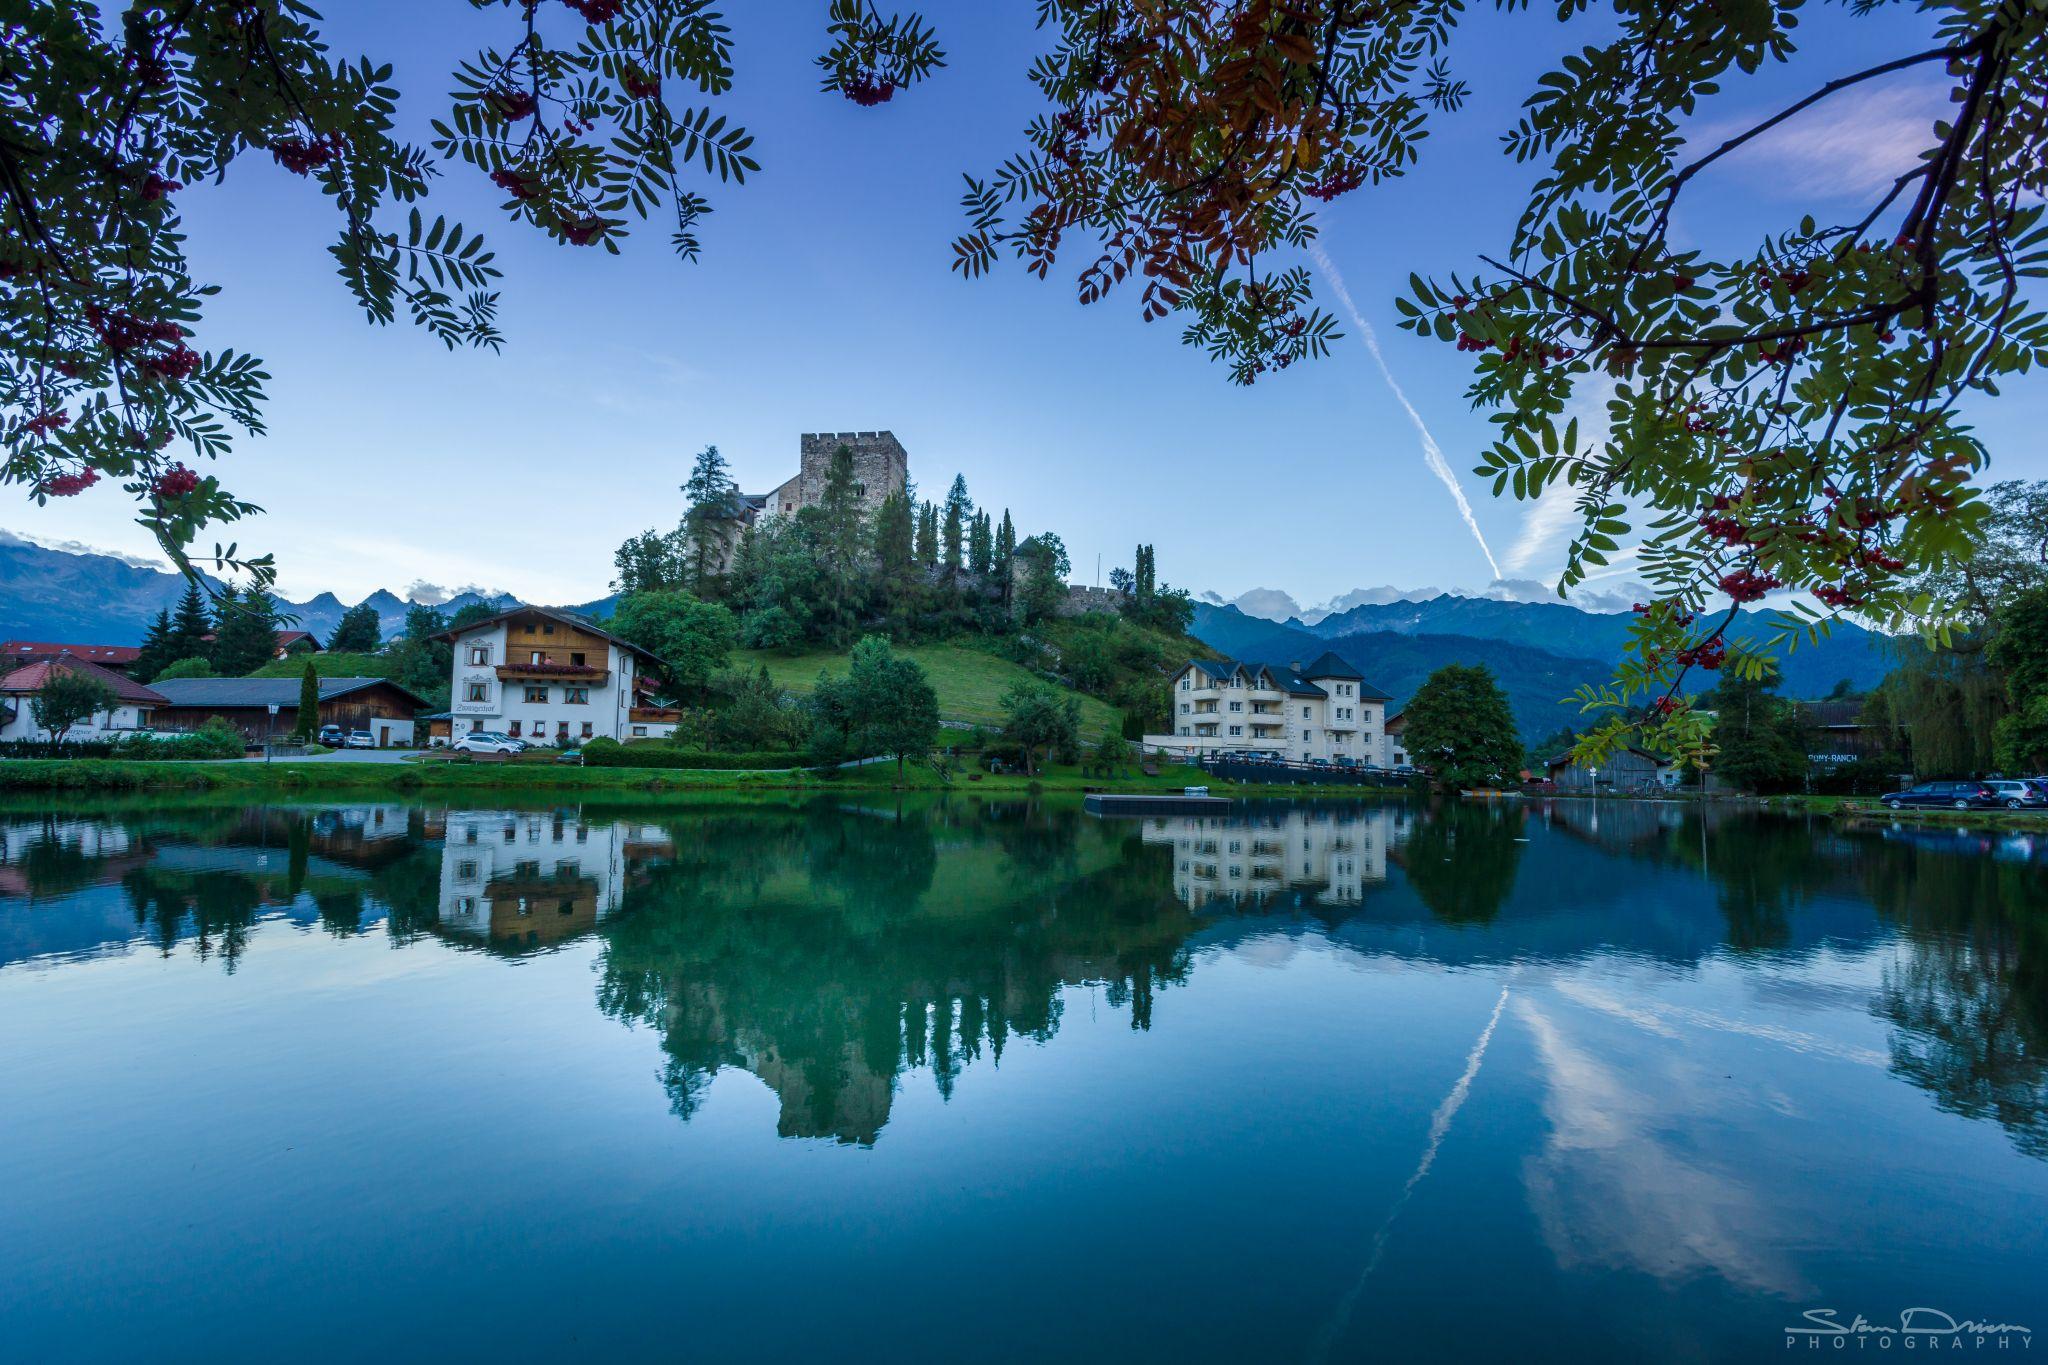 Laudeck castle, Austria